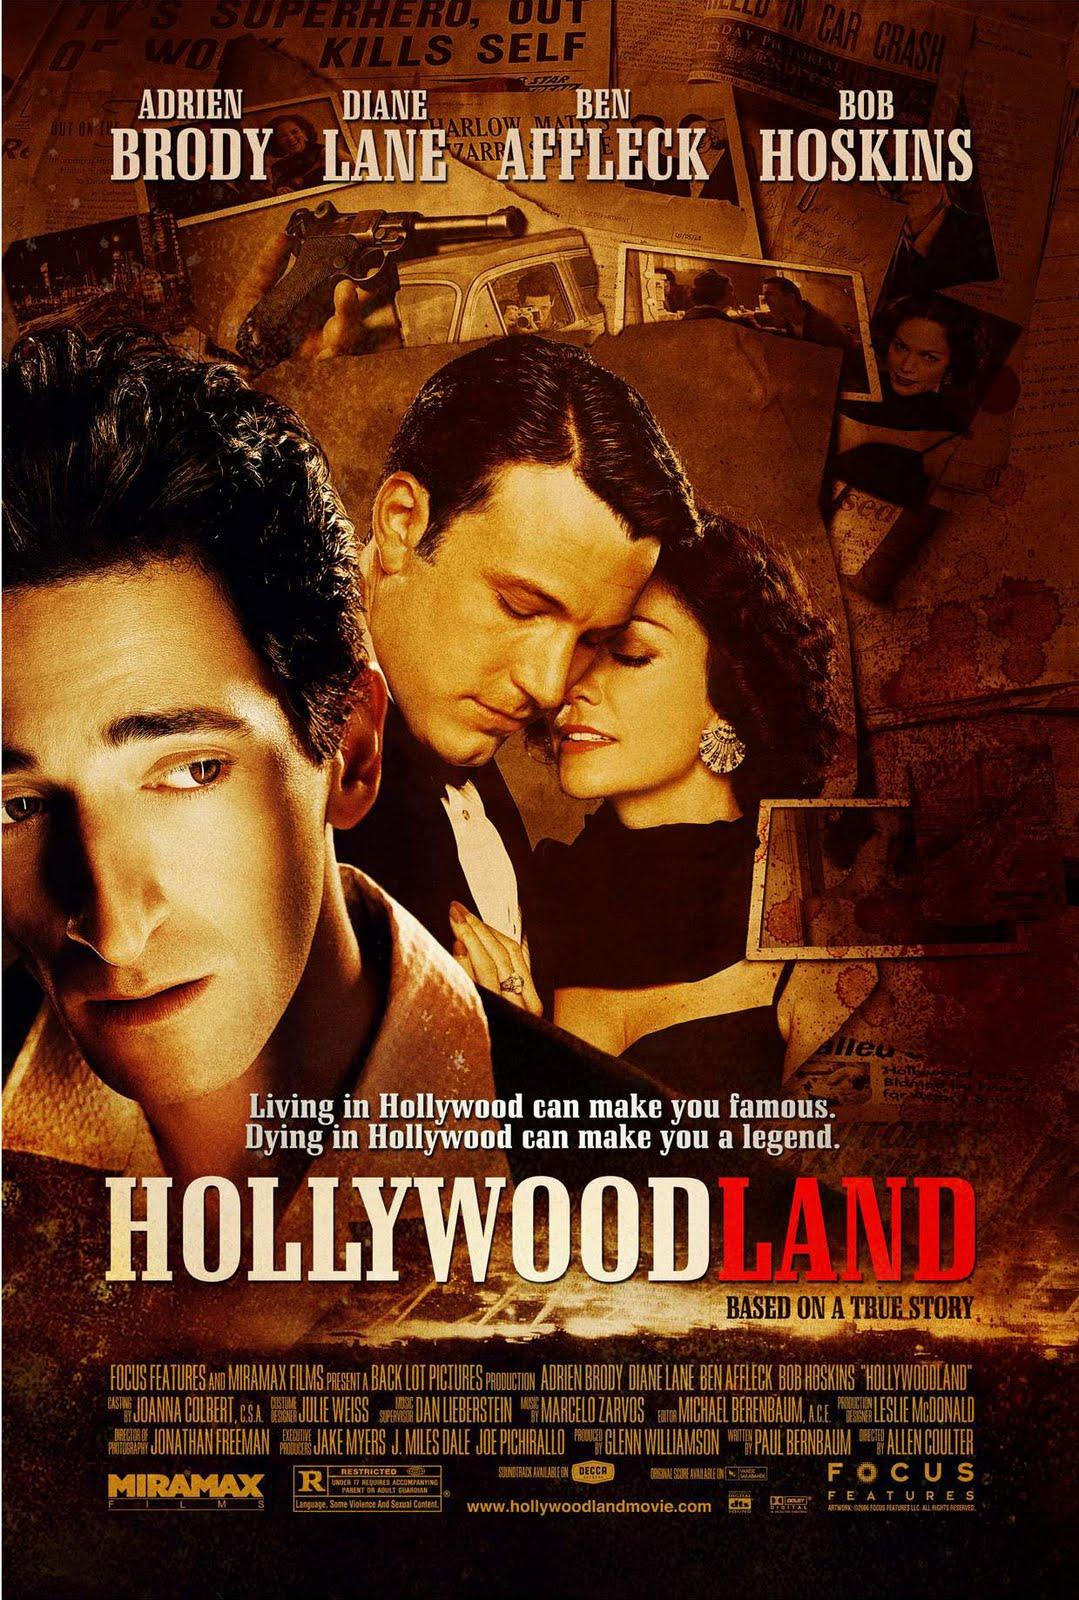 http://4.bp.blogspot.com/--6GPwPFWU6Q/TgNzb-dXL0I/AAAAAAAAA0M/9mZ44g1bWzc/s1600/hollywoodland-original.jpg